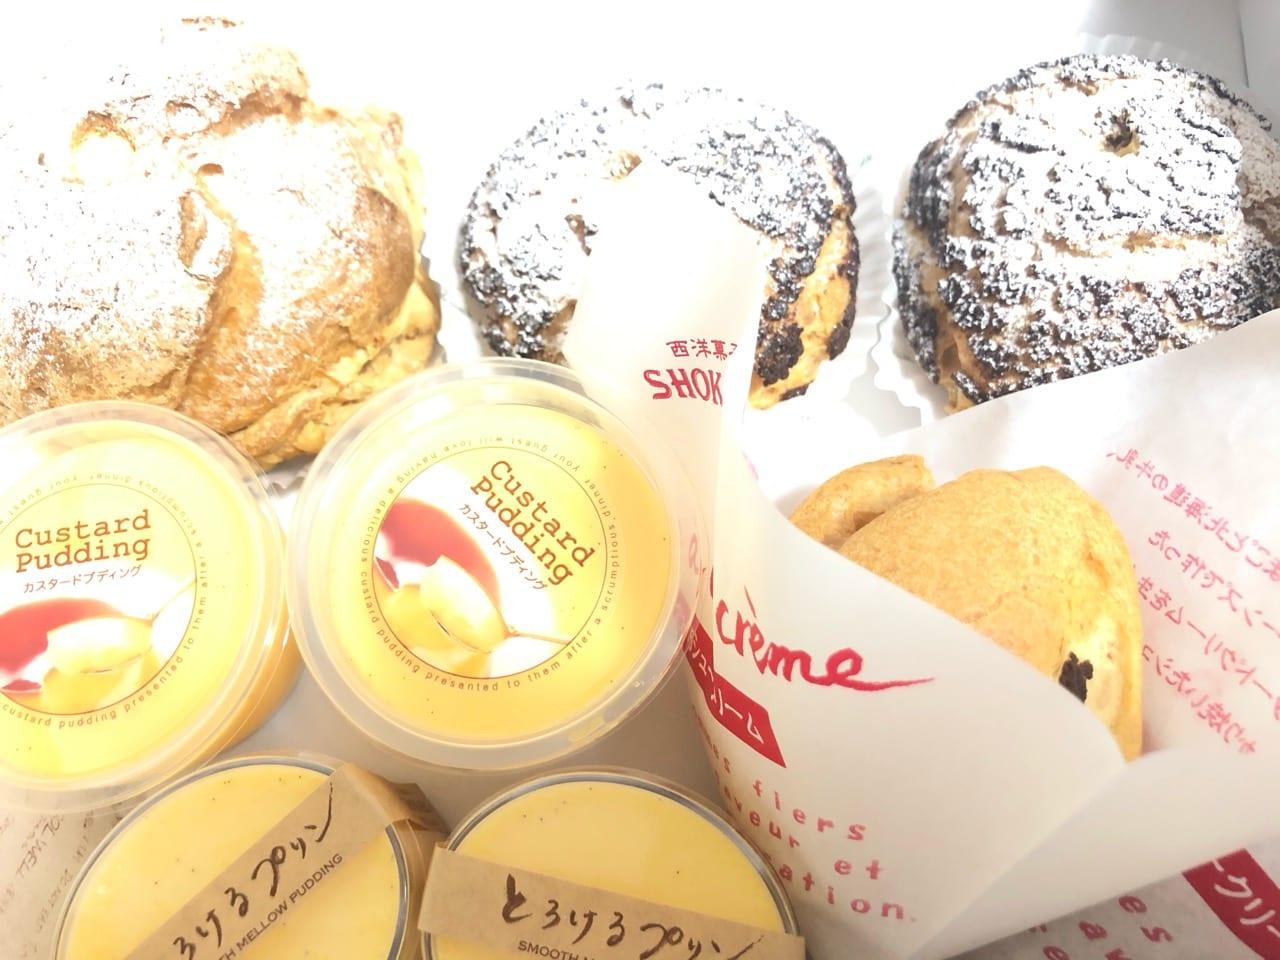 松華堂の牛乳支援シュークリーム